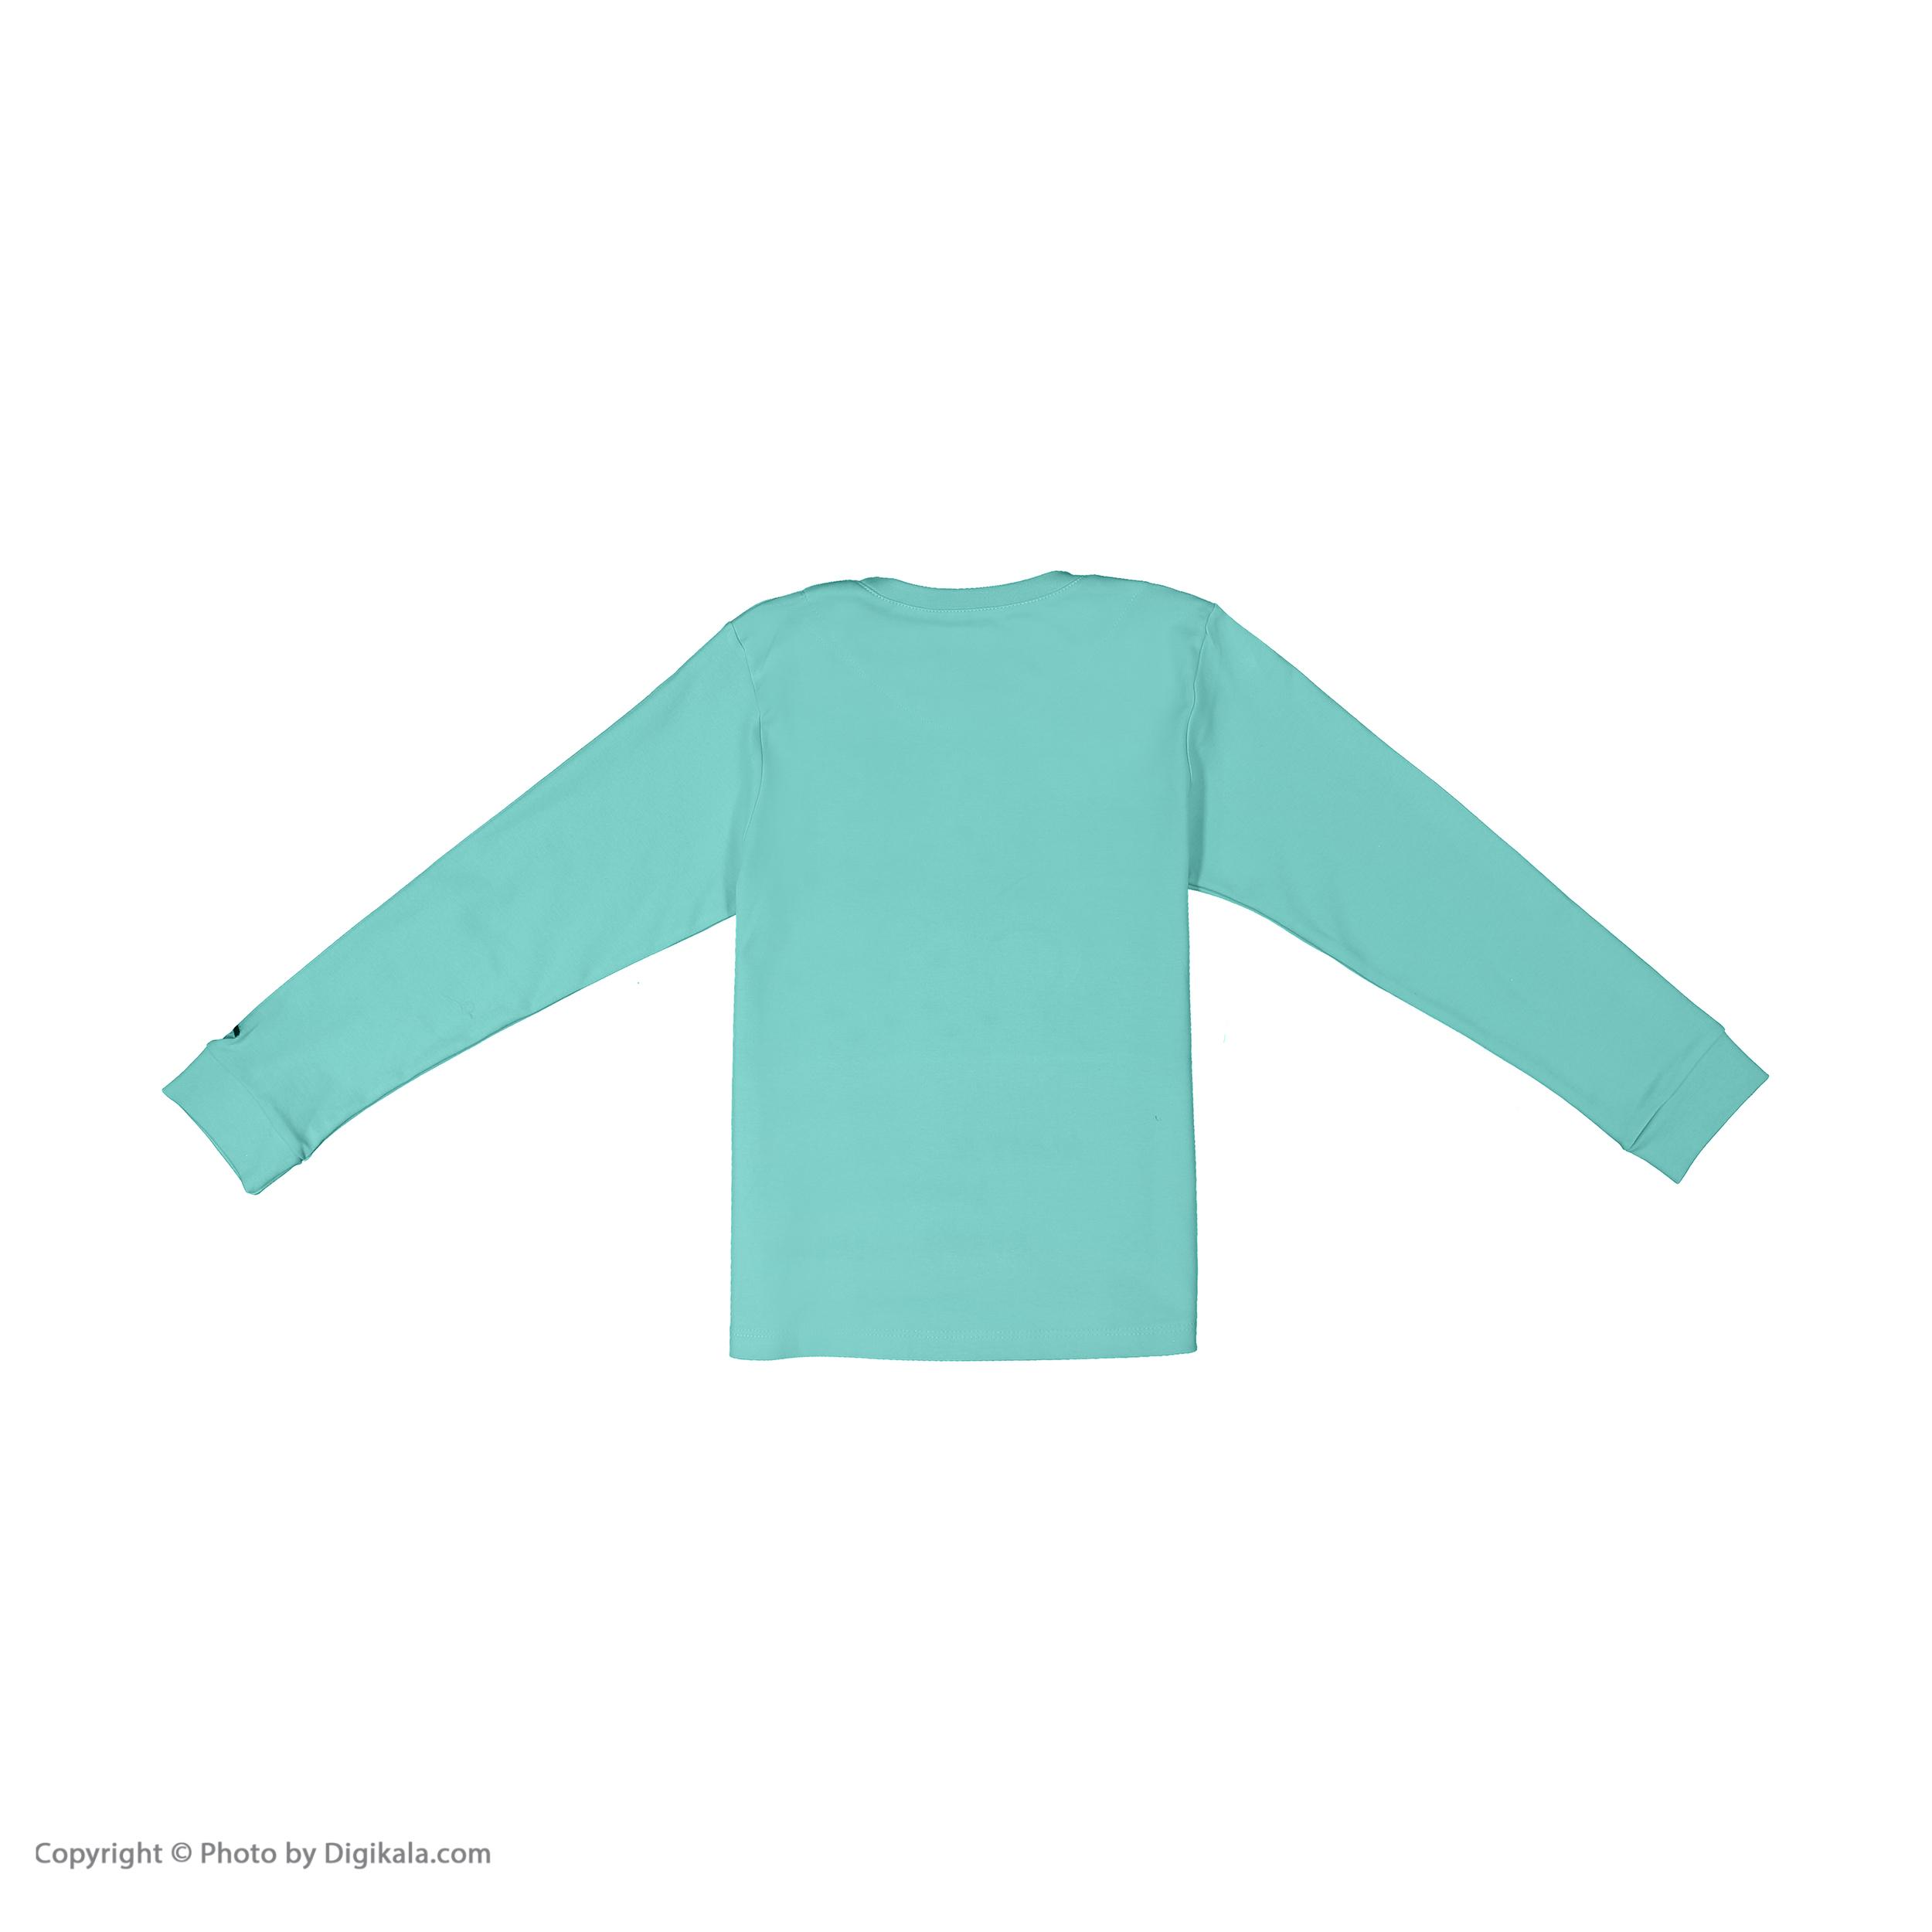 ست تی شرت و شلوار دخترانه مادر مدل 303-54 main 1 5